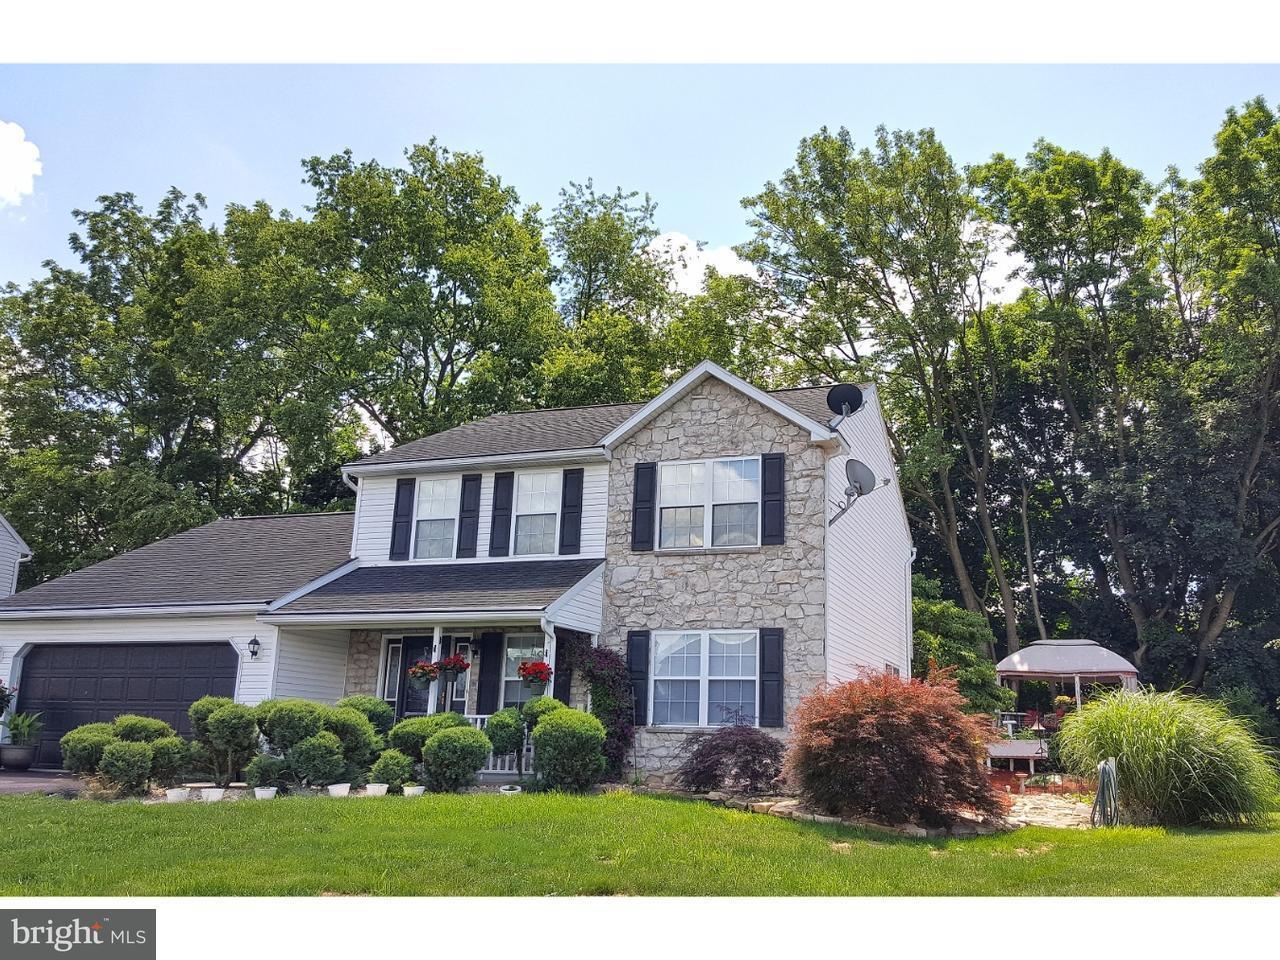 Maison unifamiliale pour l Vente à 119 CORNERSTONE Drive Blandon, Pennsylvanie 19510 États-Unis